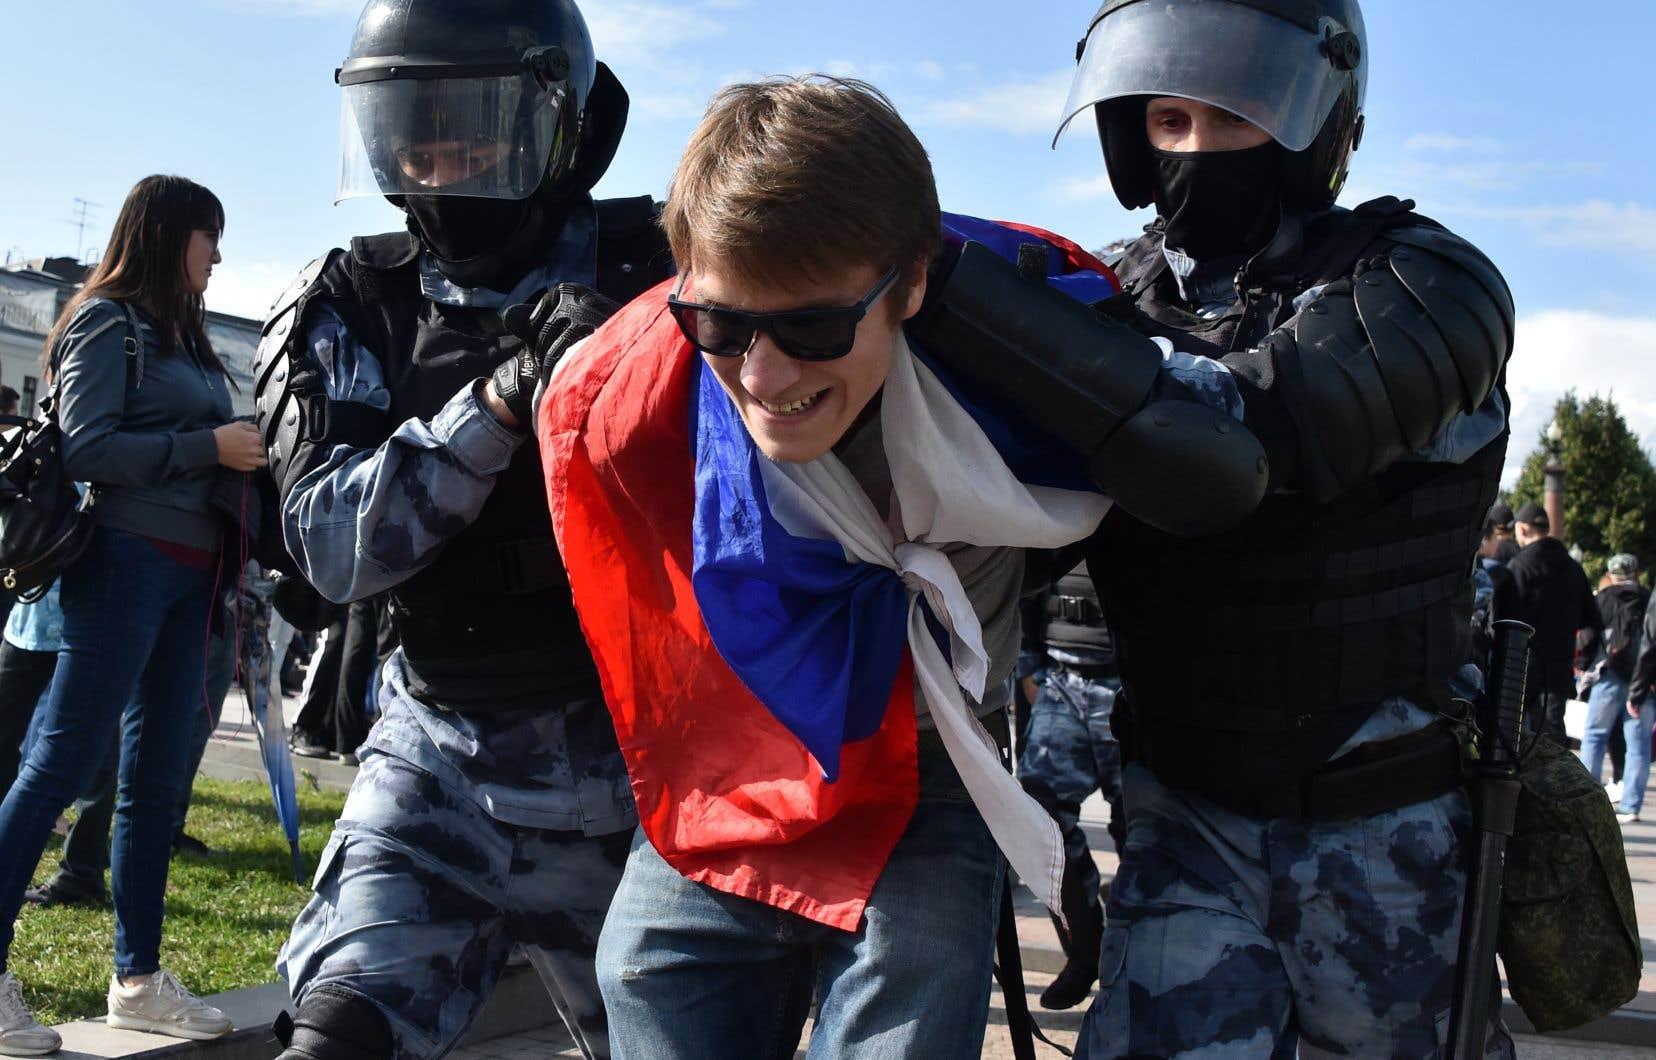 Des militaires de la Garde nationale russe arrêtent un participant à un rassemblement non autorisé. Ce rassemblement est le dernier d'une série de manifestations après que les responsables eurent refusé de laisser les candidats de l'opposition populaire se présenter aux élections le mois prochain.